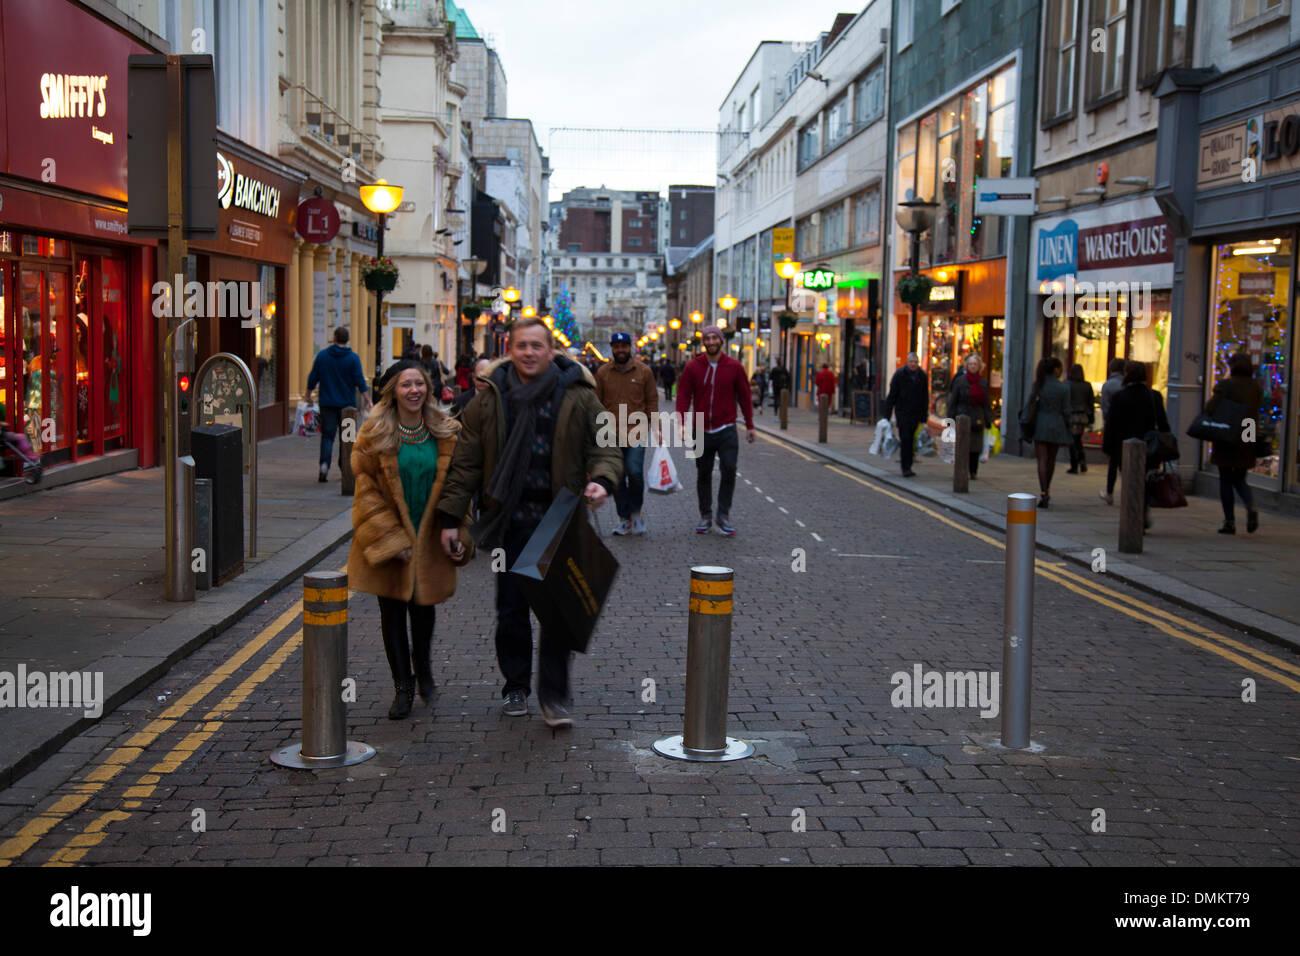 Liverpool One, Merseyside, UK 15. Dezember 2013. Große Rabatte von ...